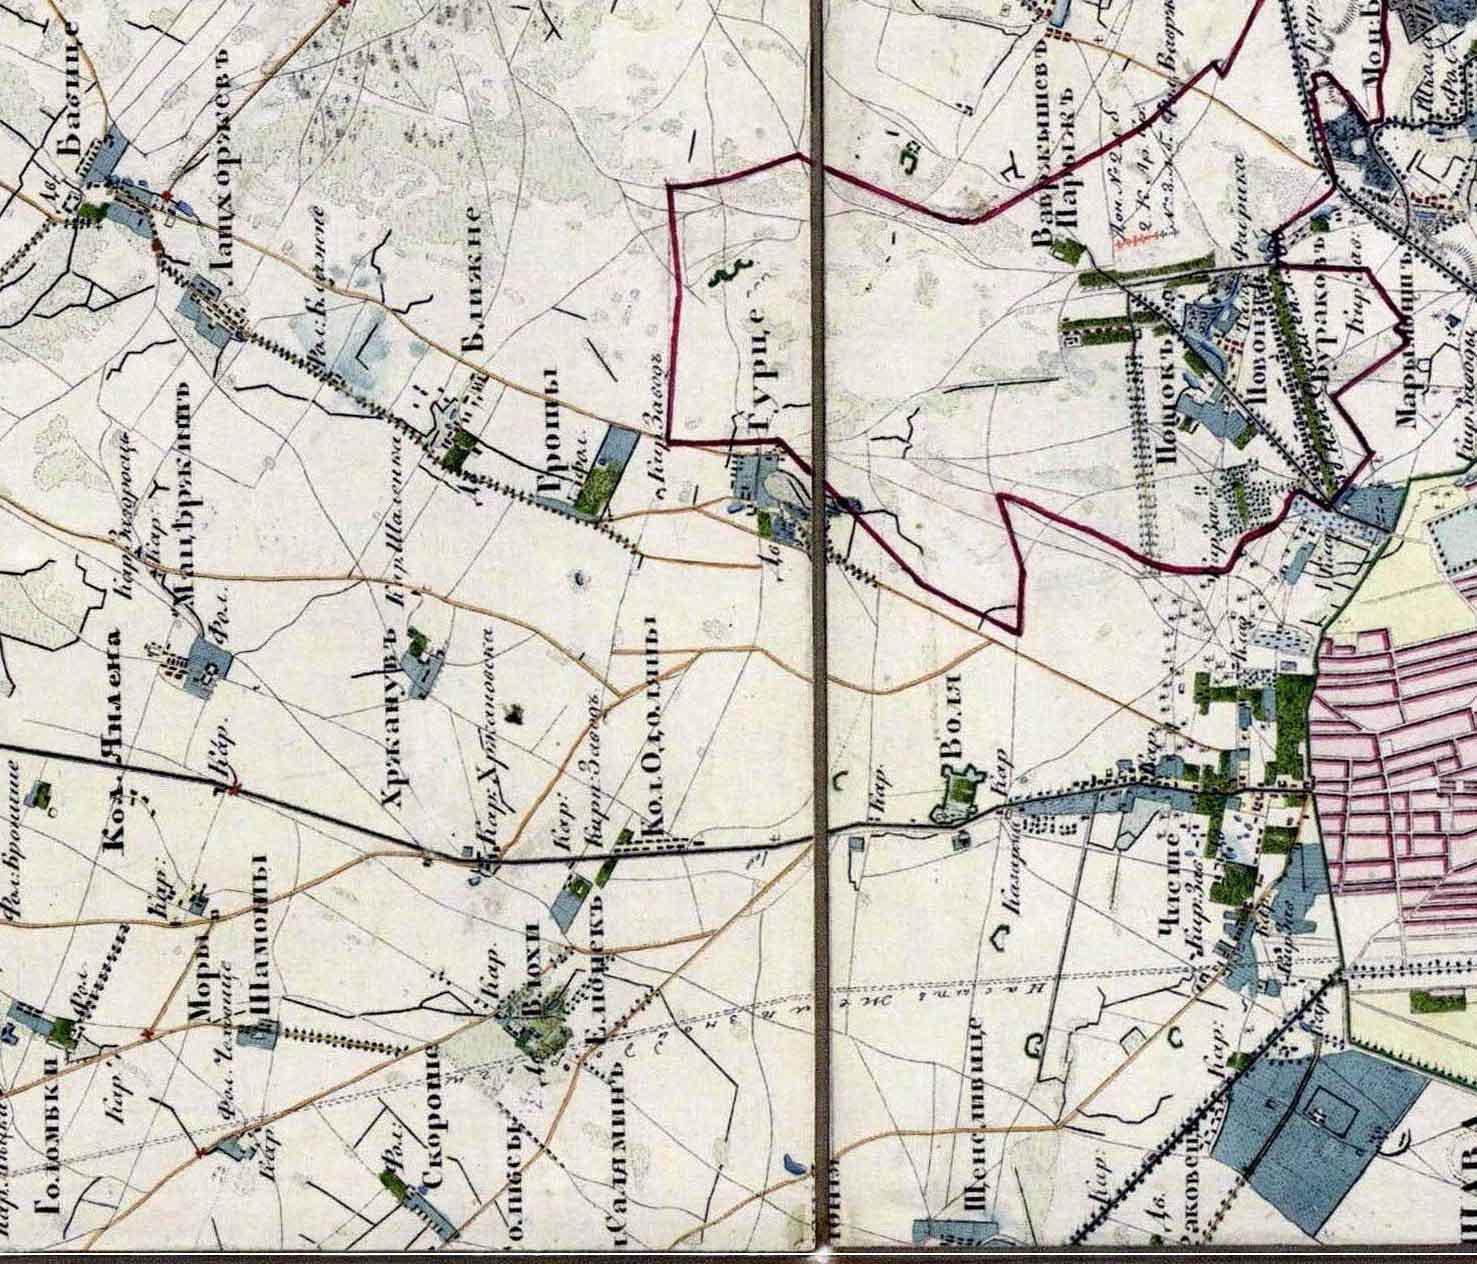 okolice Babic na mapie z 1838 roku